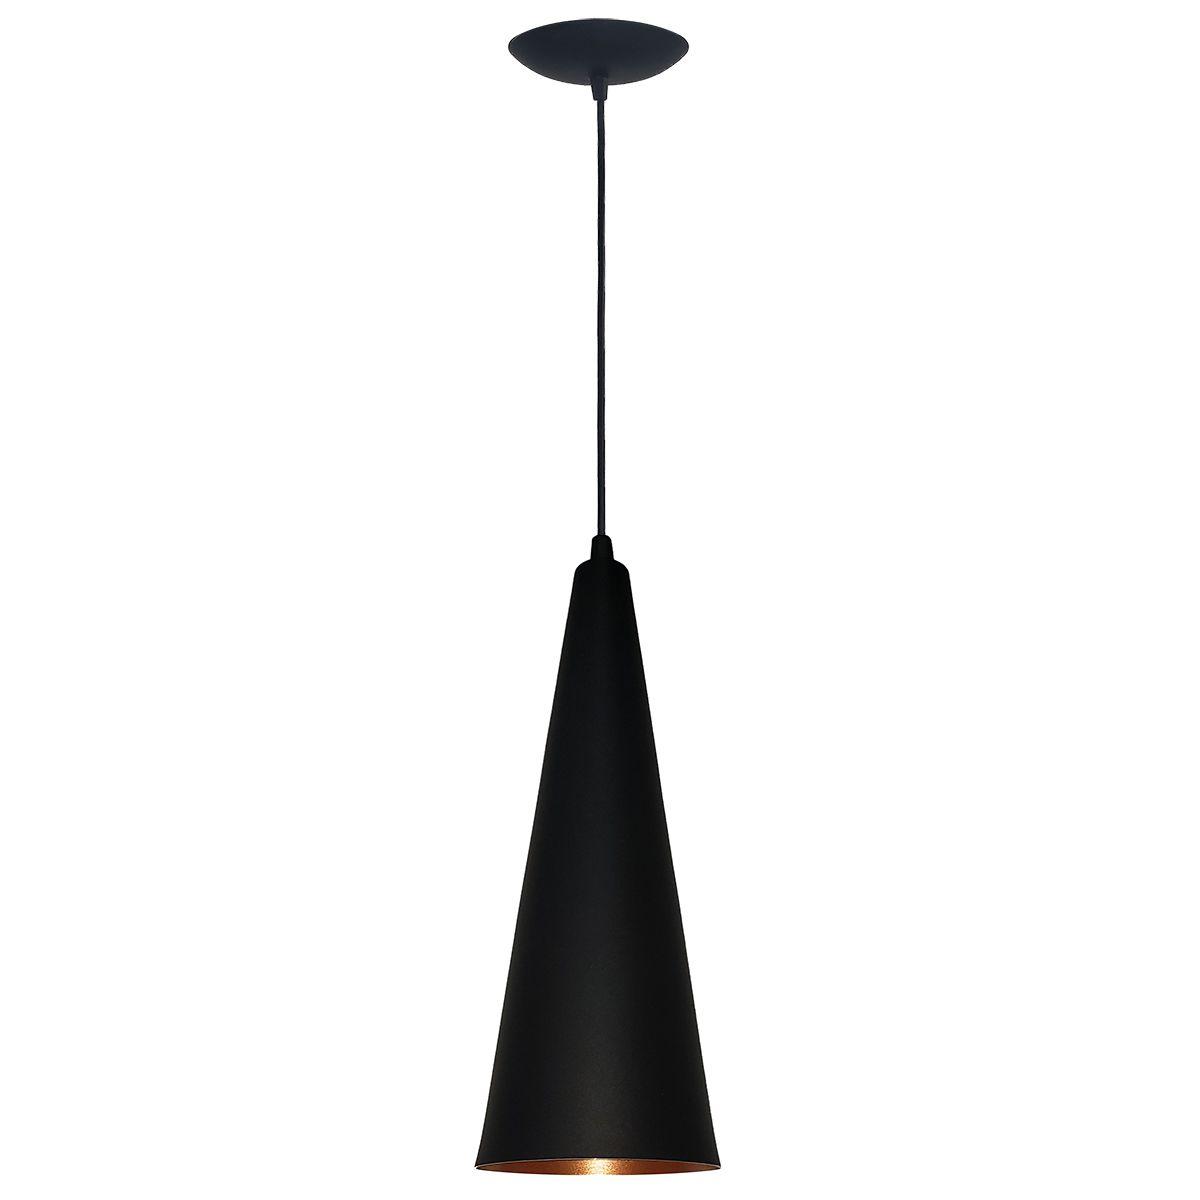 Luminária Decorativa Cone 31 Preto/Cobre com Pendente